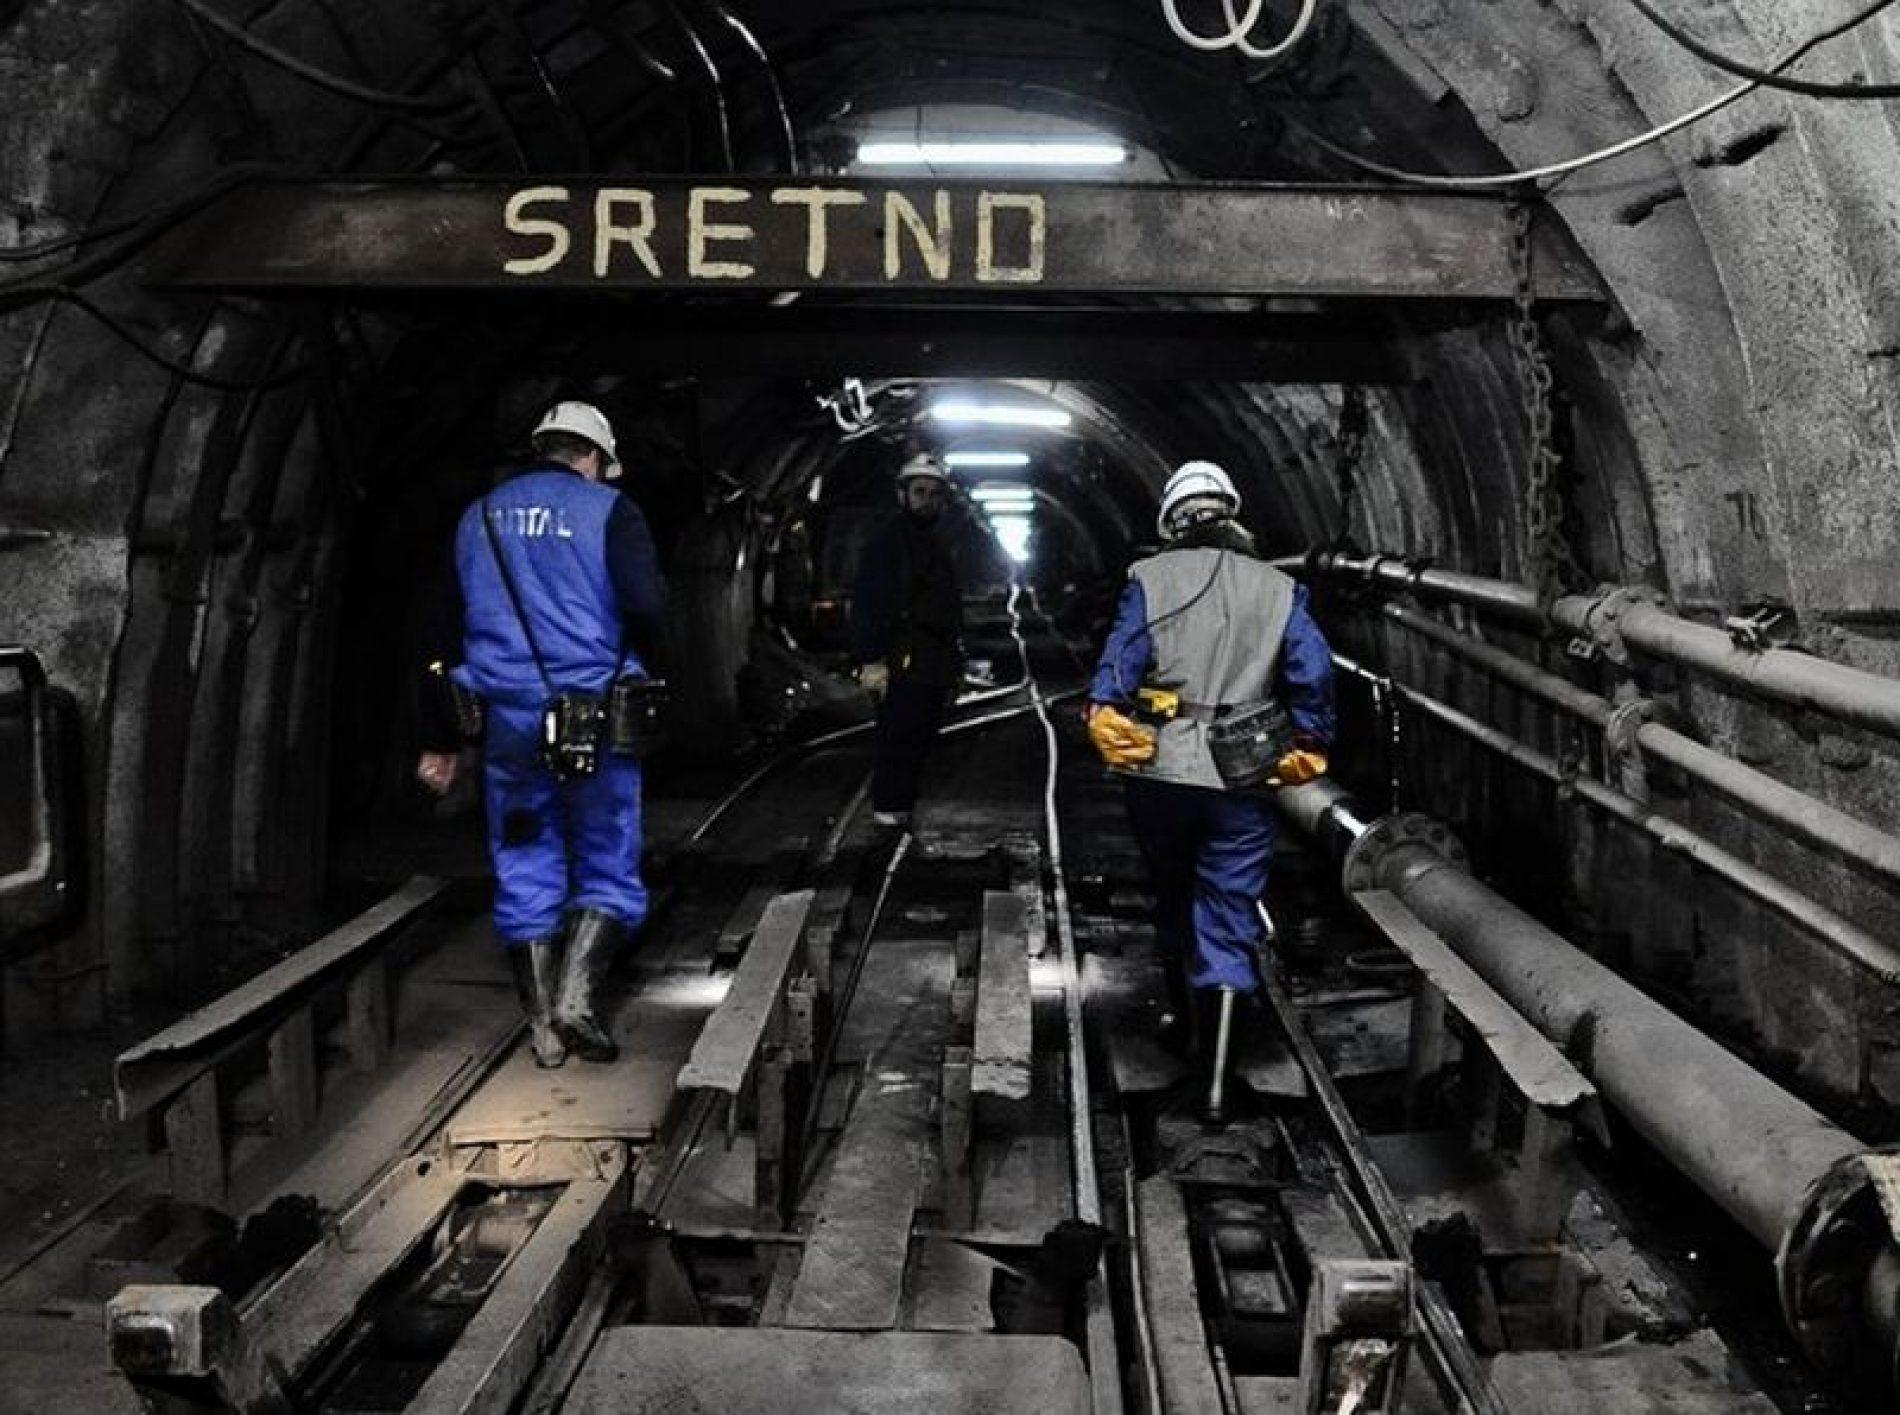 Rade punim kapacitetom: Zahvaljujući rudarima proizvodnja el. energije nije dovedena u pitanje